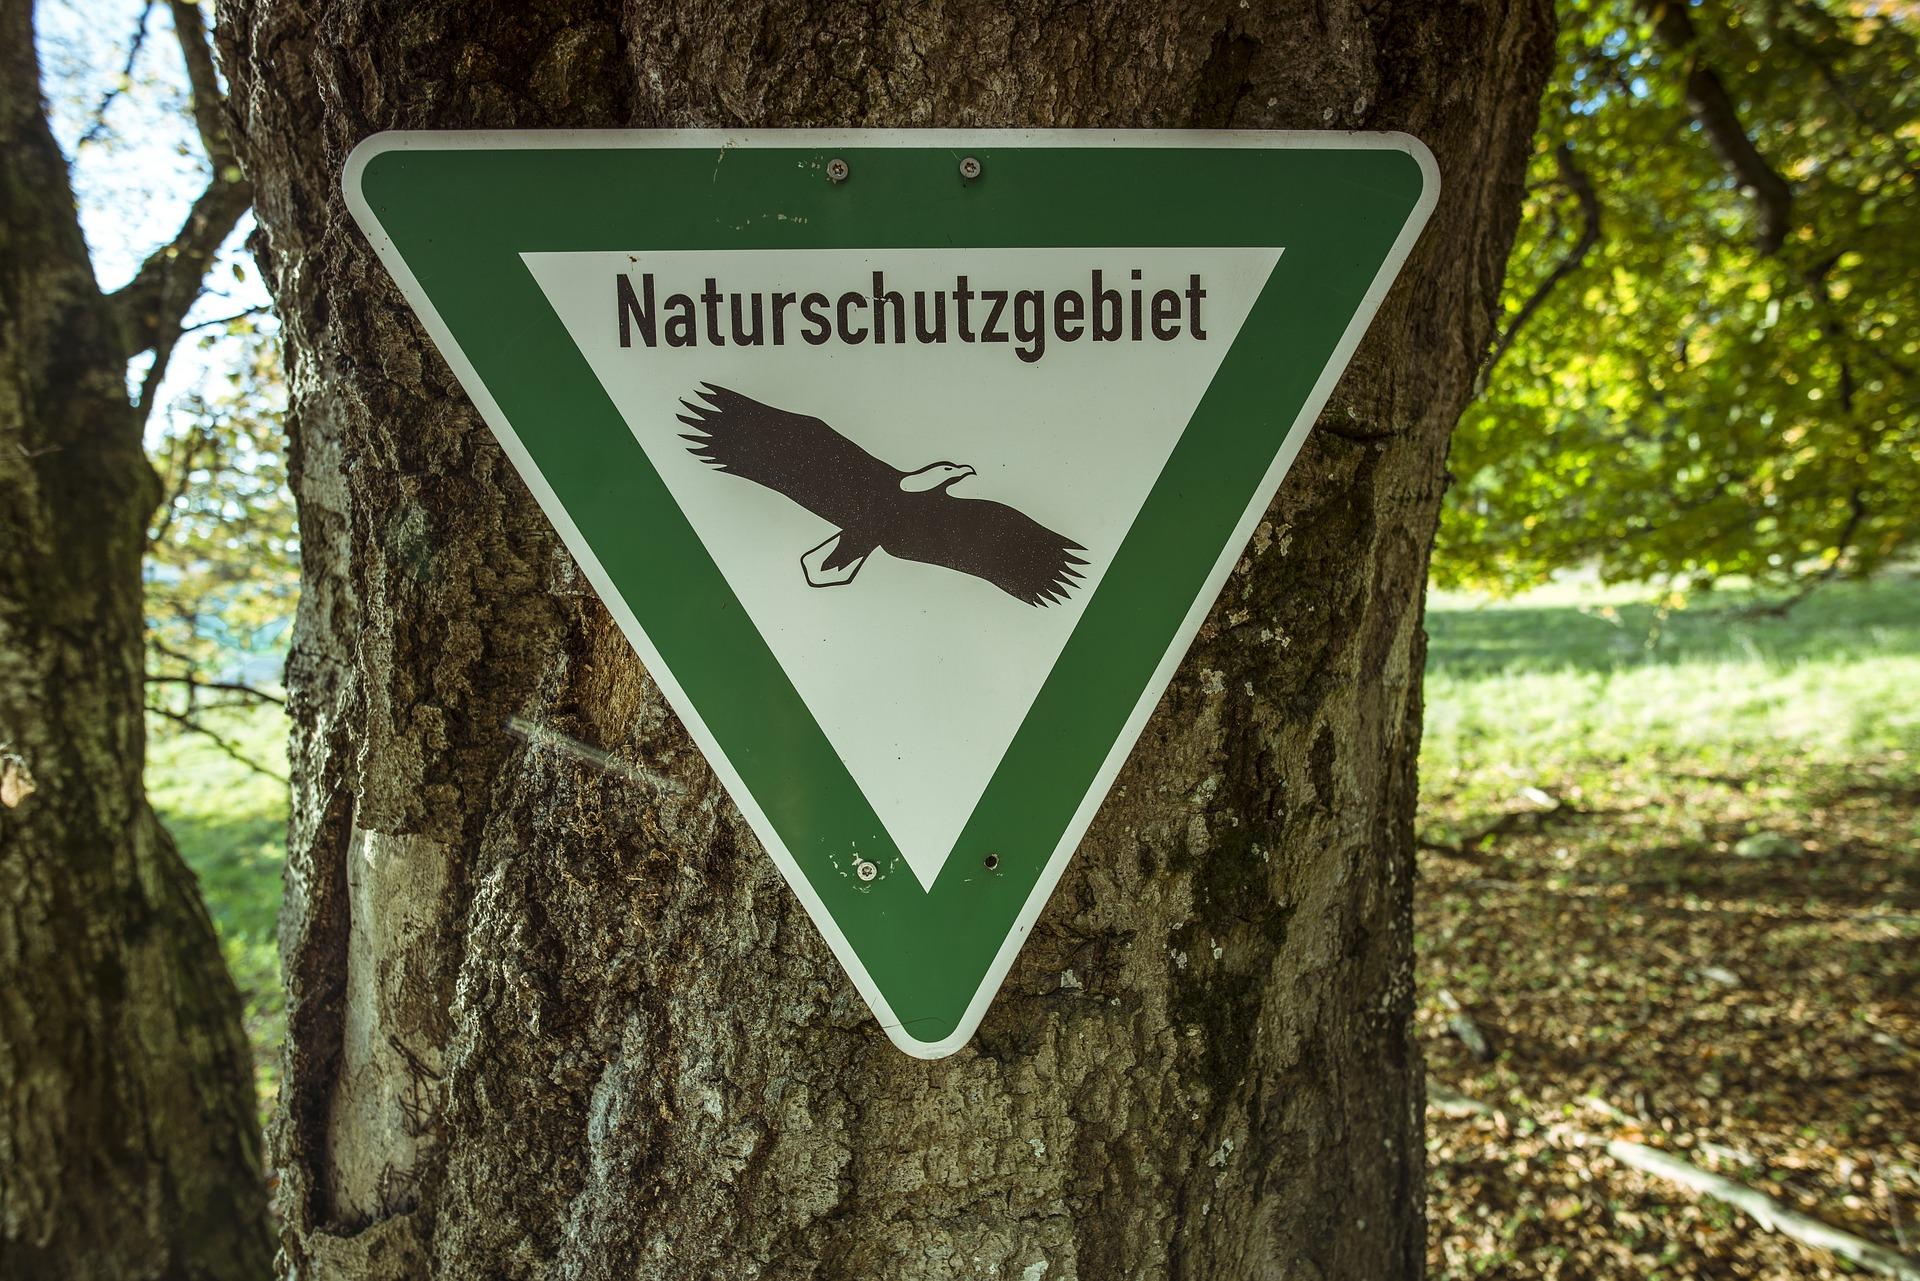 Naturschutzgebiete in der Eifel